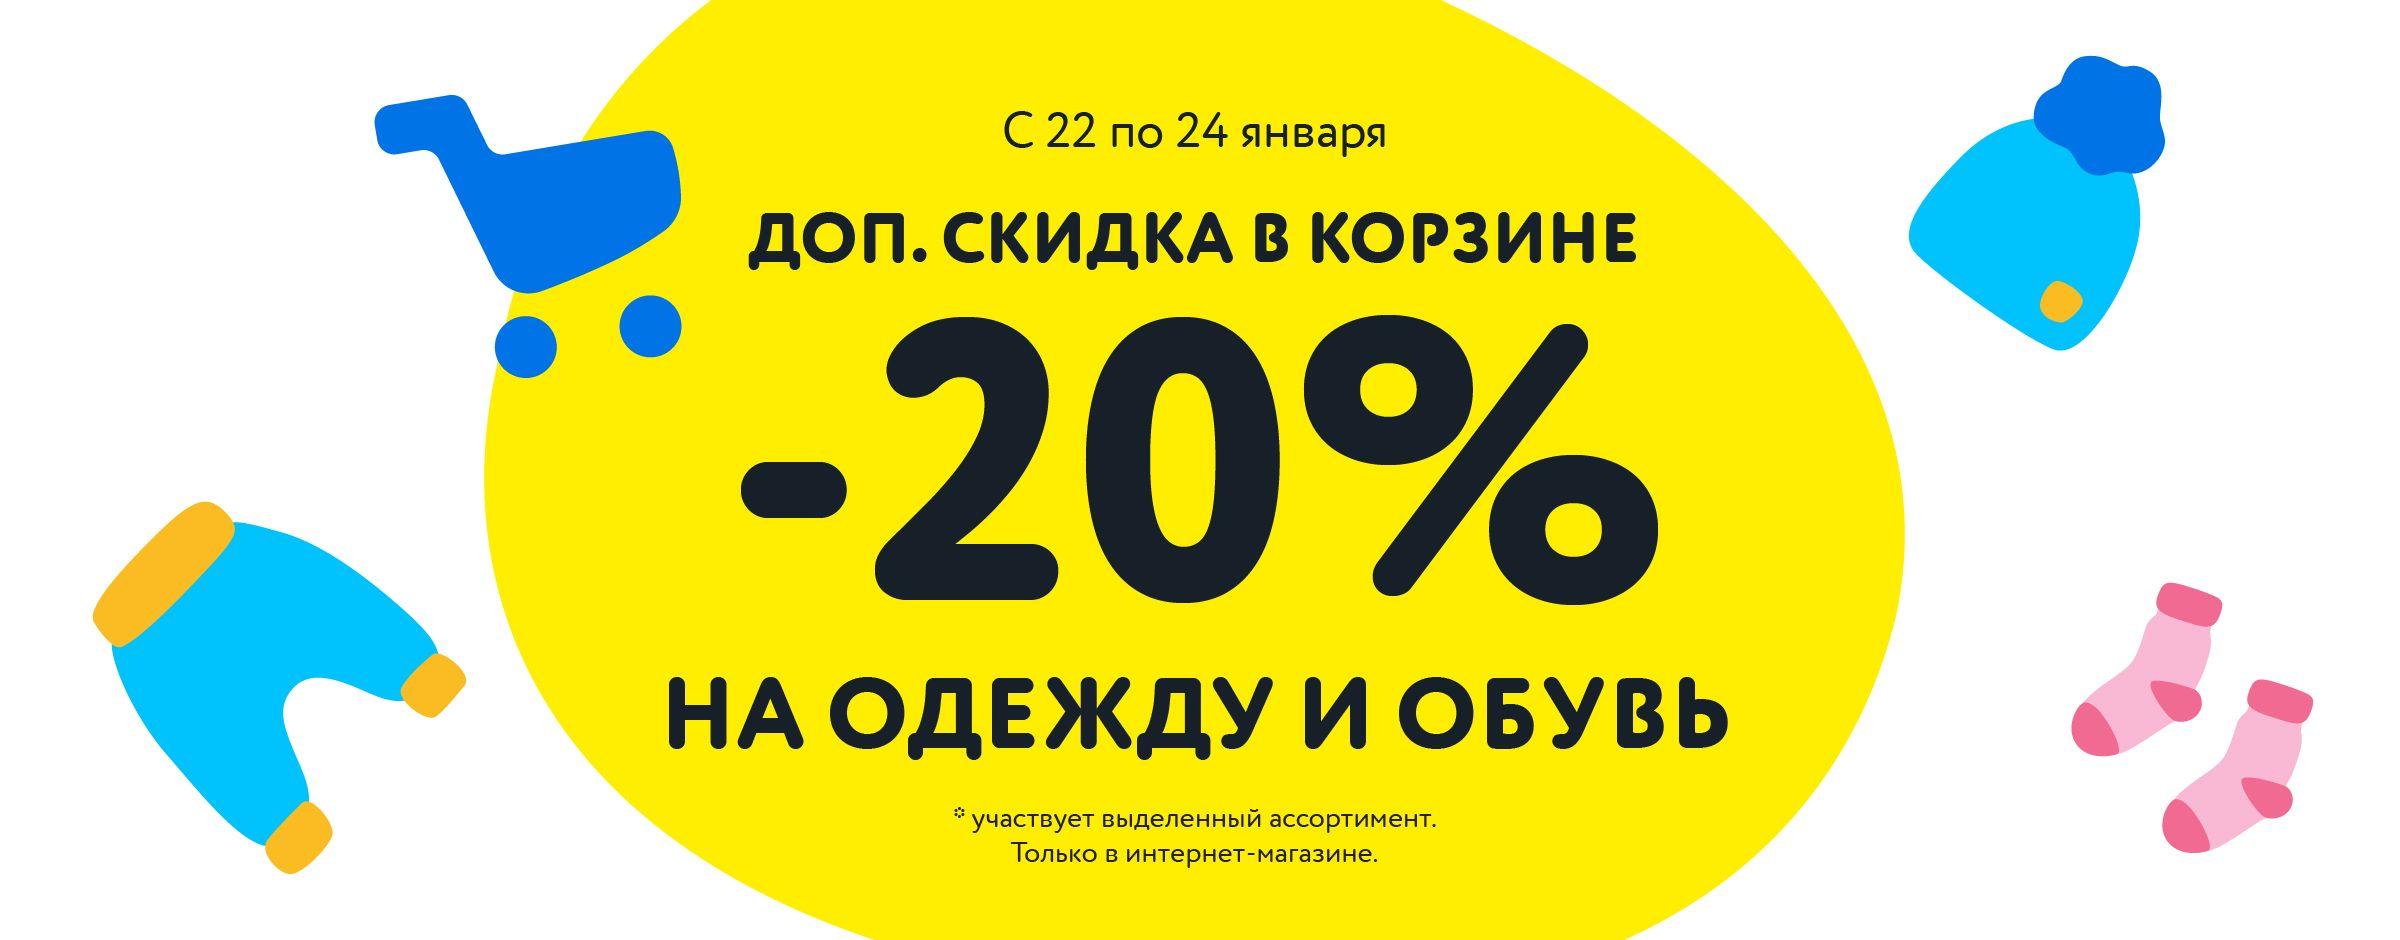 Доп. 20% на ОиО статика